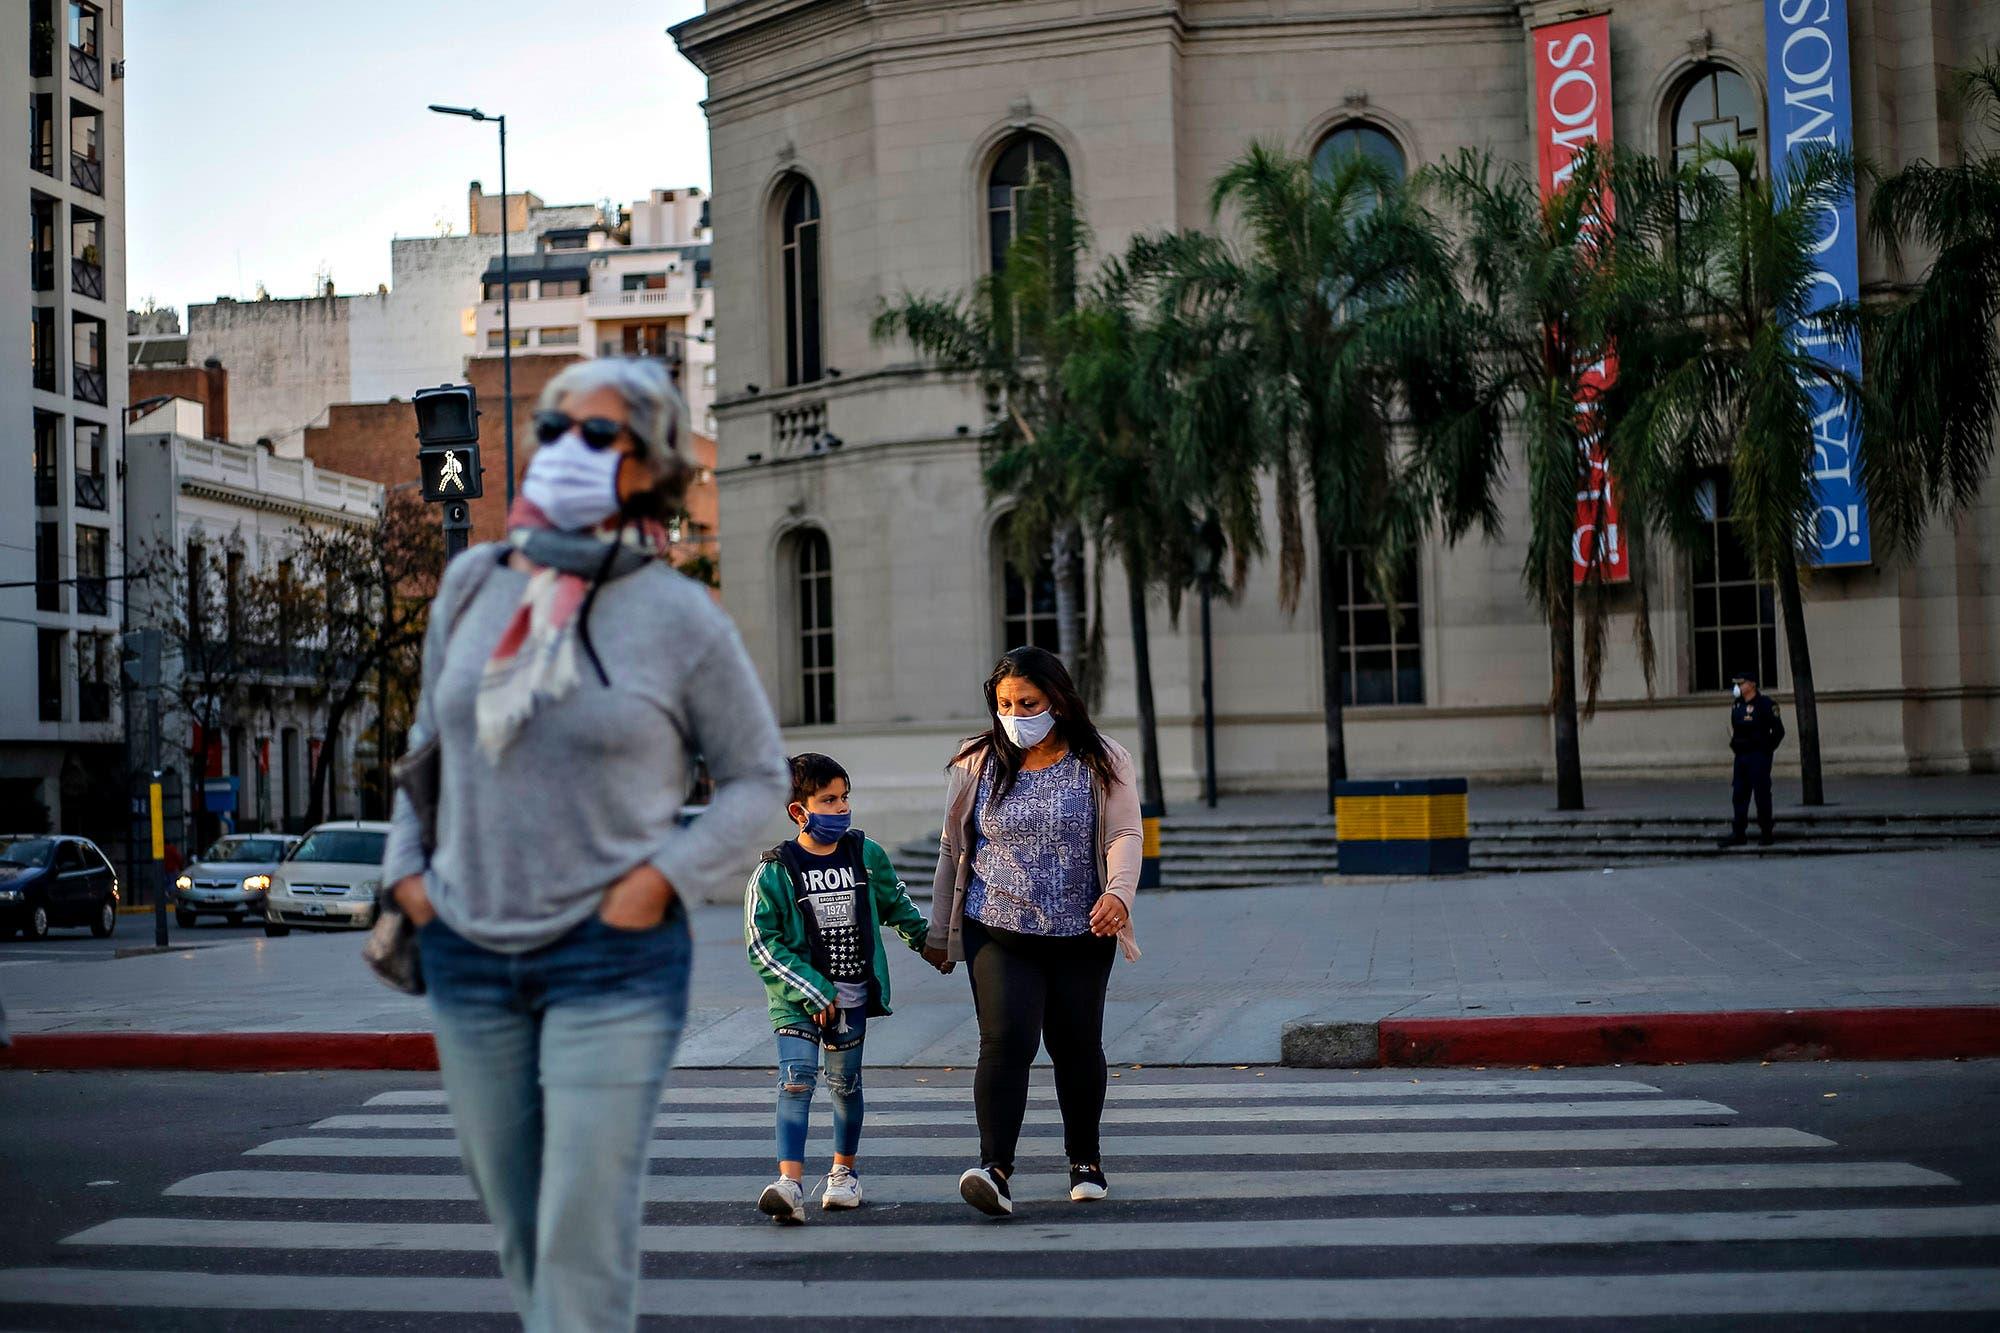 Coronavirus. La ciudad de Córdoba vuelve a flexibilizar la cuarentena: regresan las salidas recreativas